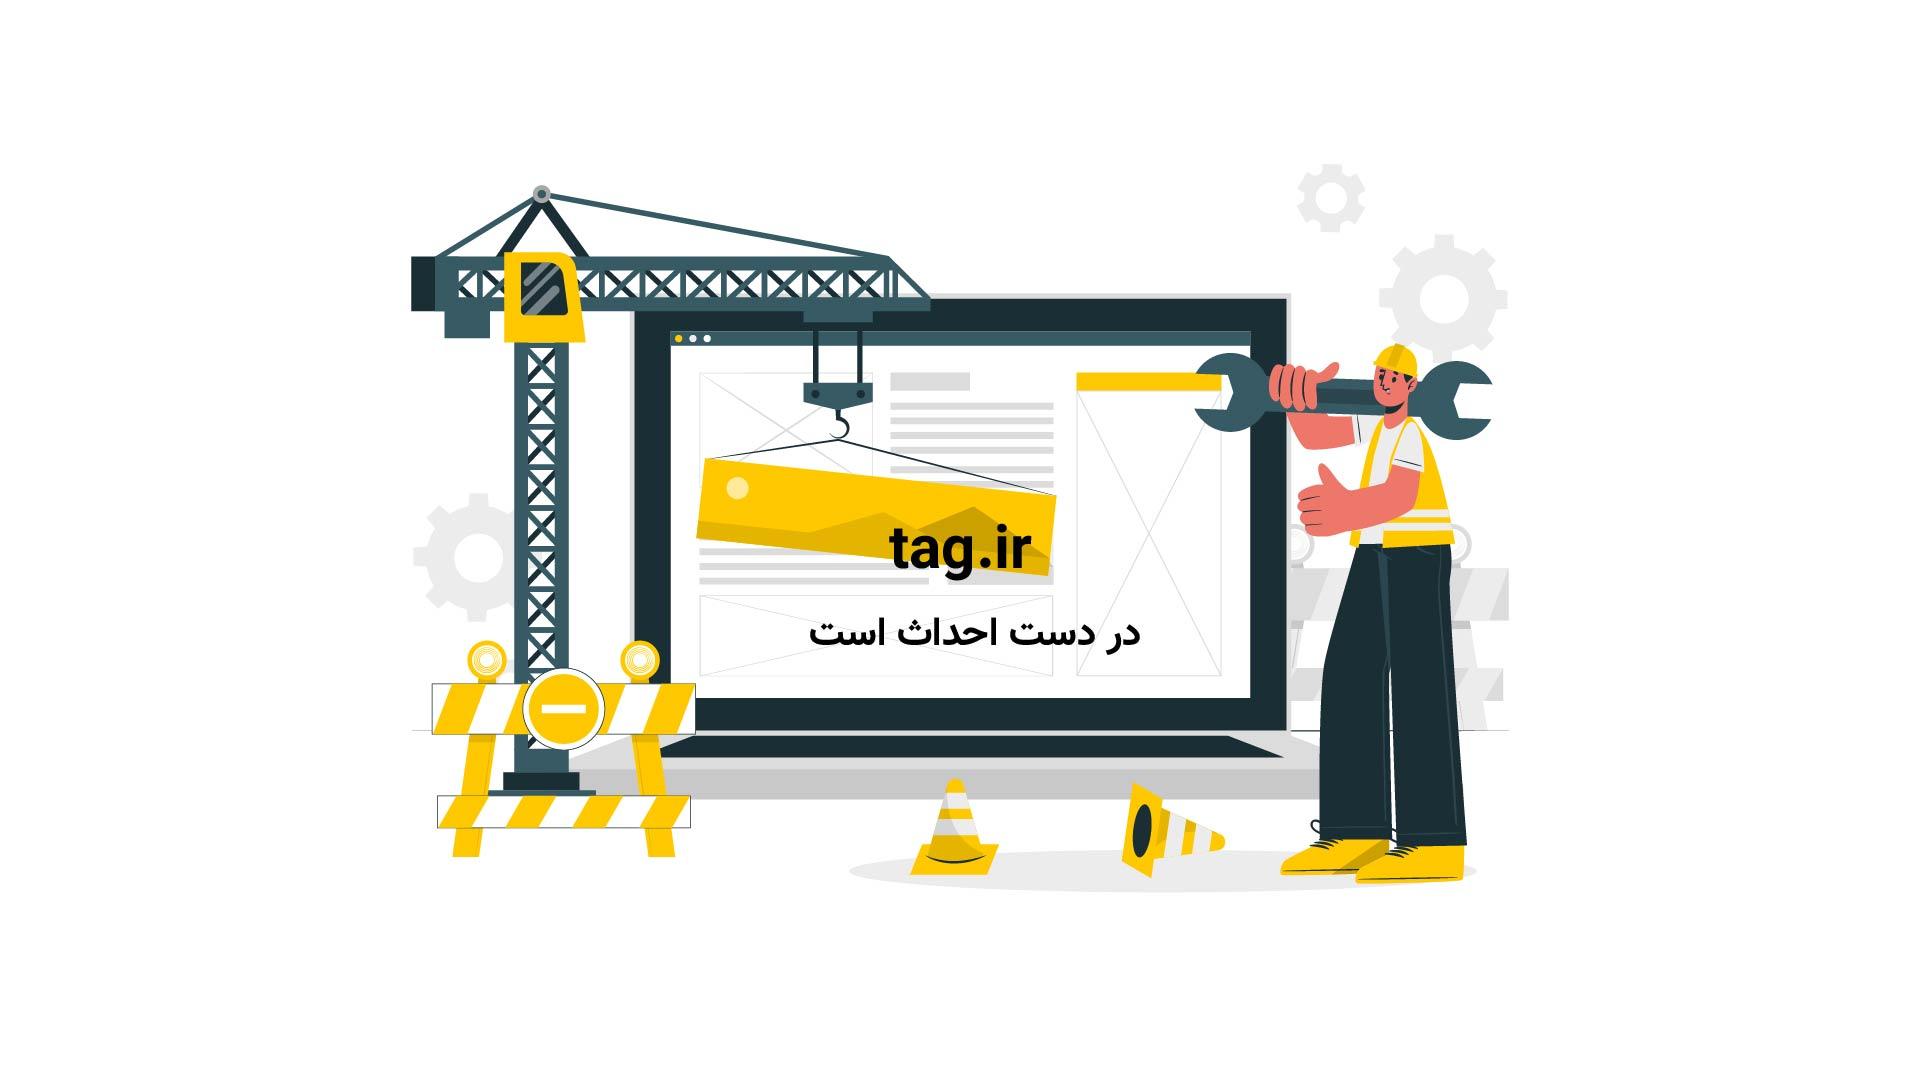 گنبد زیبا و تاریخی علویان در شهر همدان | فیلم